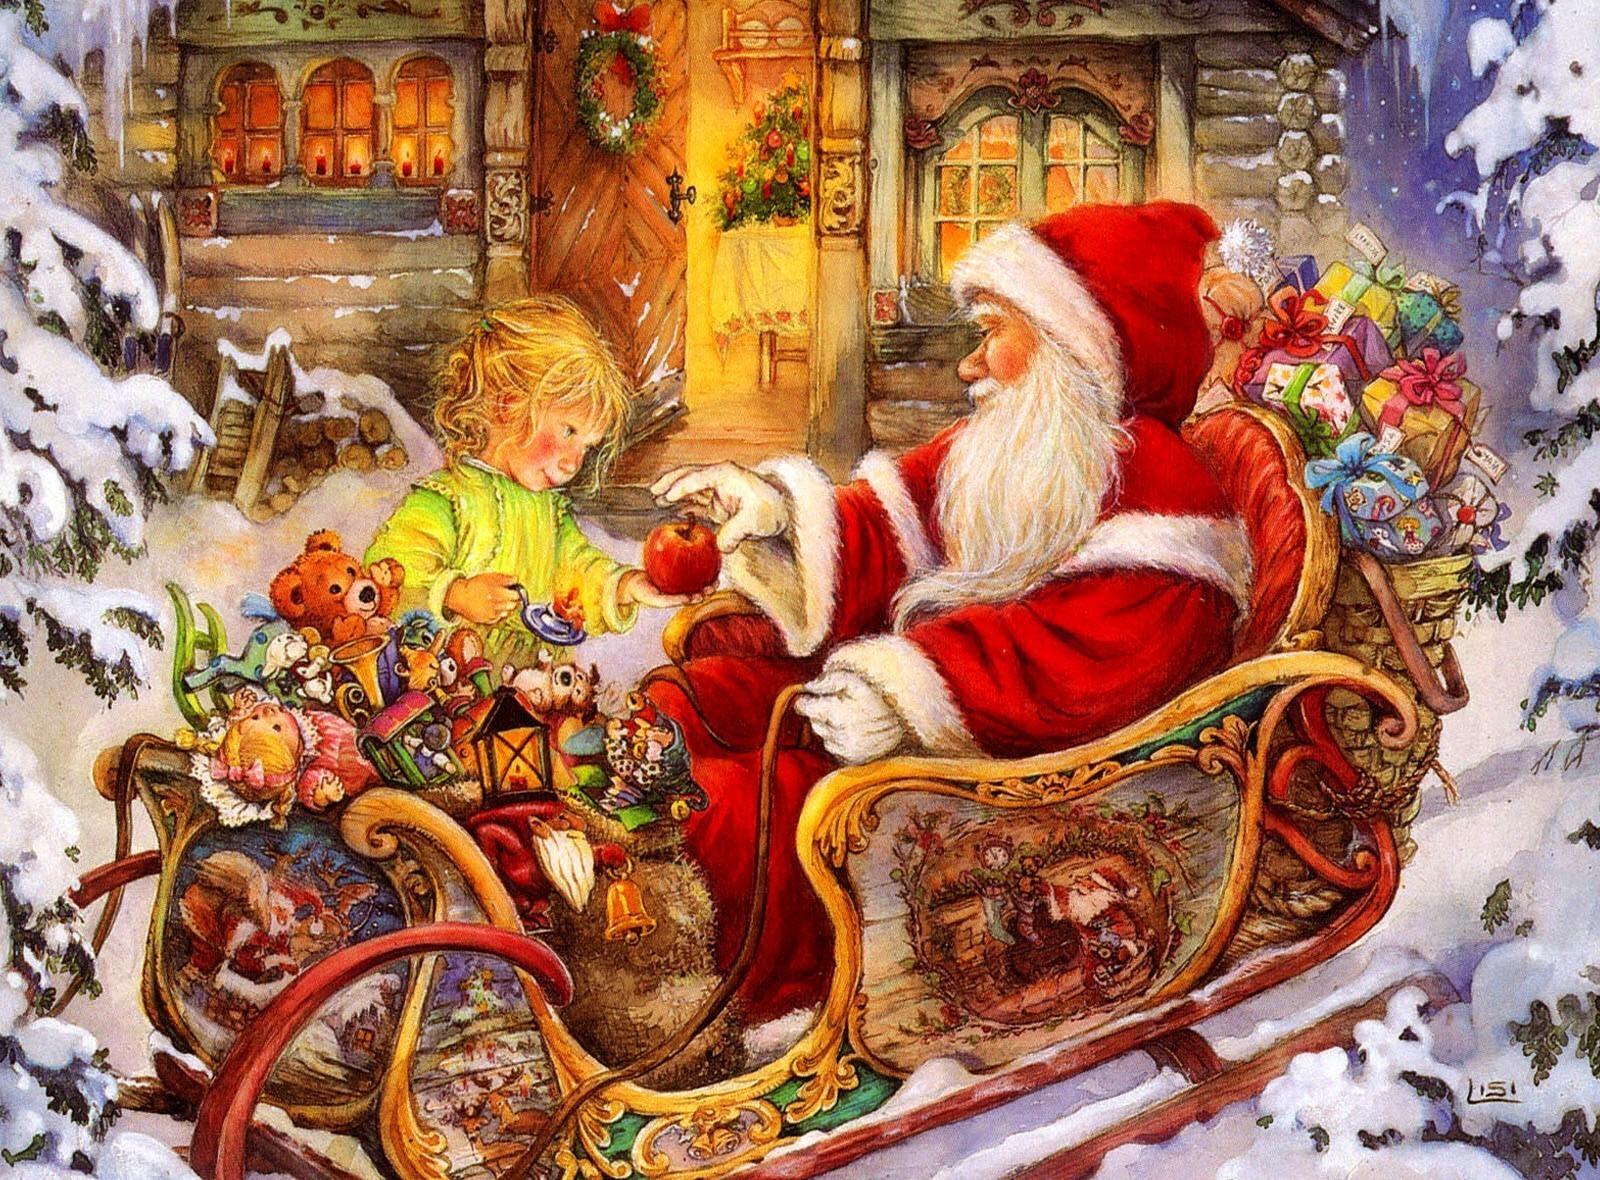 126221 descargar fondo de pantalla Vacaciones, Papá Noel, Trineo, Niño, Manzana, Presenta, Regalos, Día Festivo, Navidad: protectores de pantalla e imágenes gratis